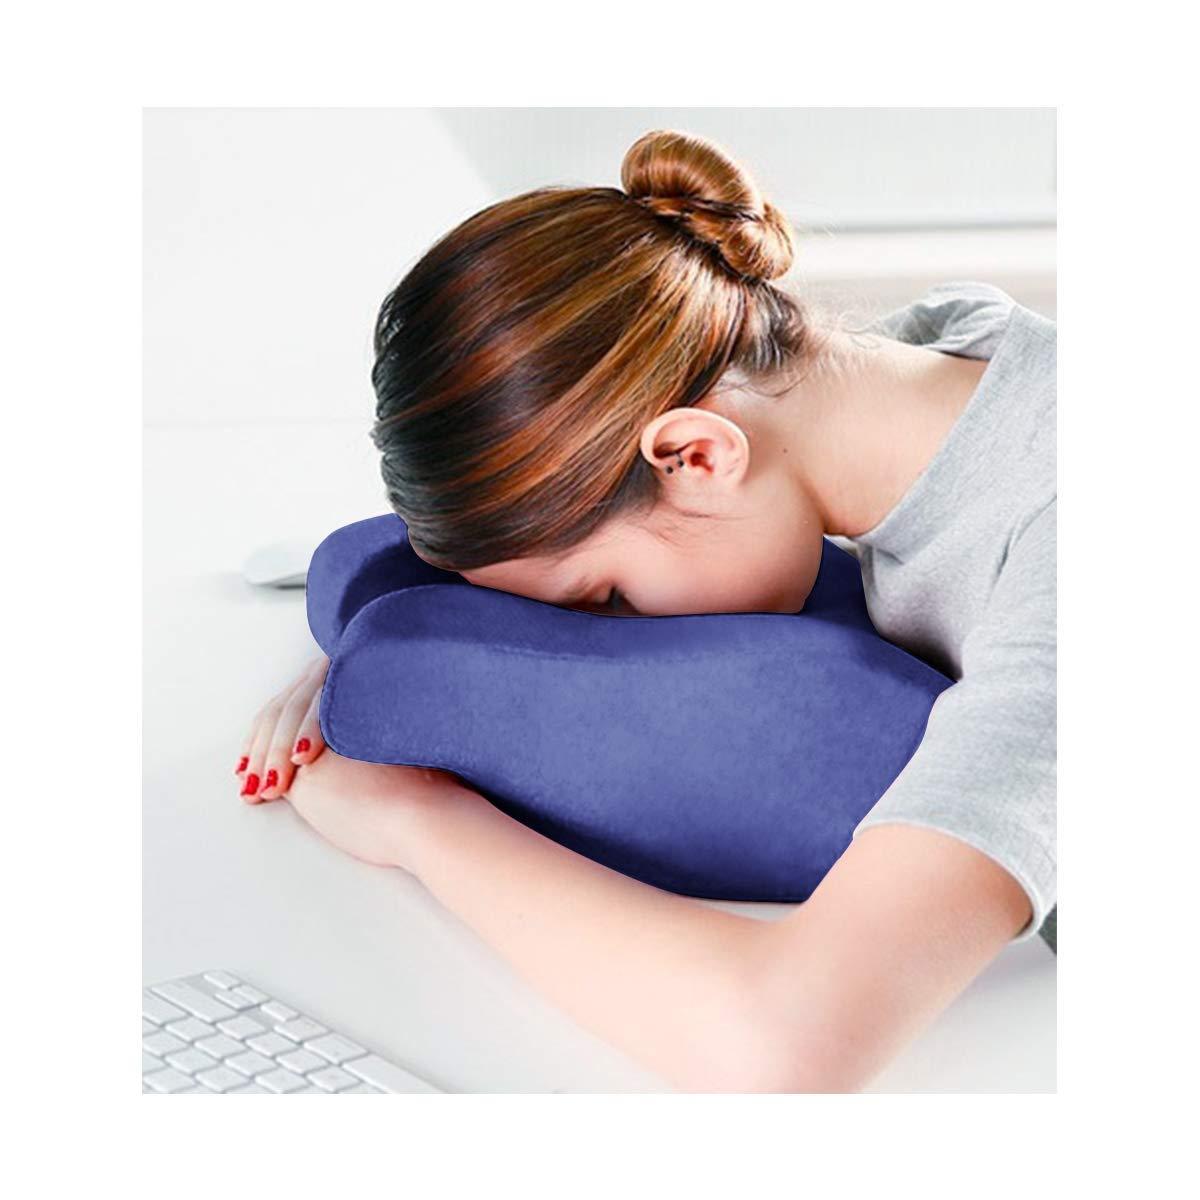 昼寝枕のおすすめ10選!王様のうたた寝枕やliproppも紹介